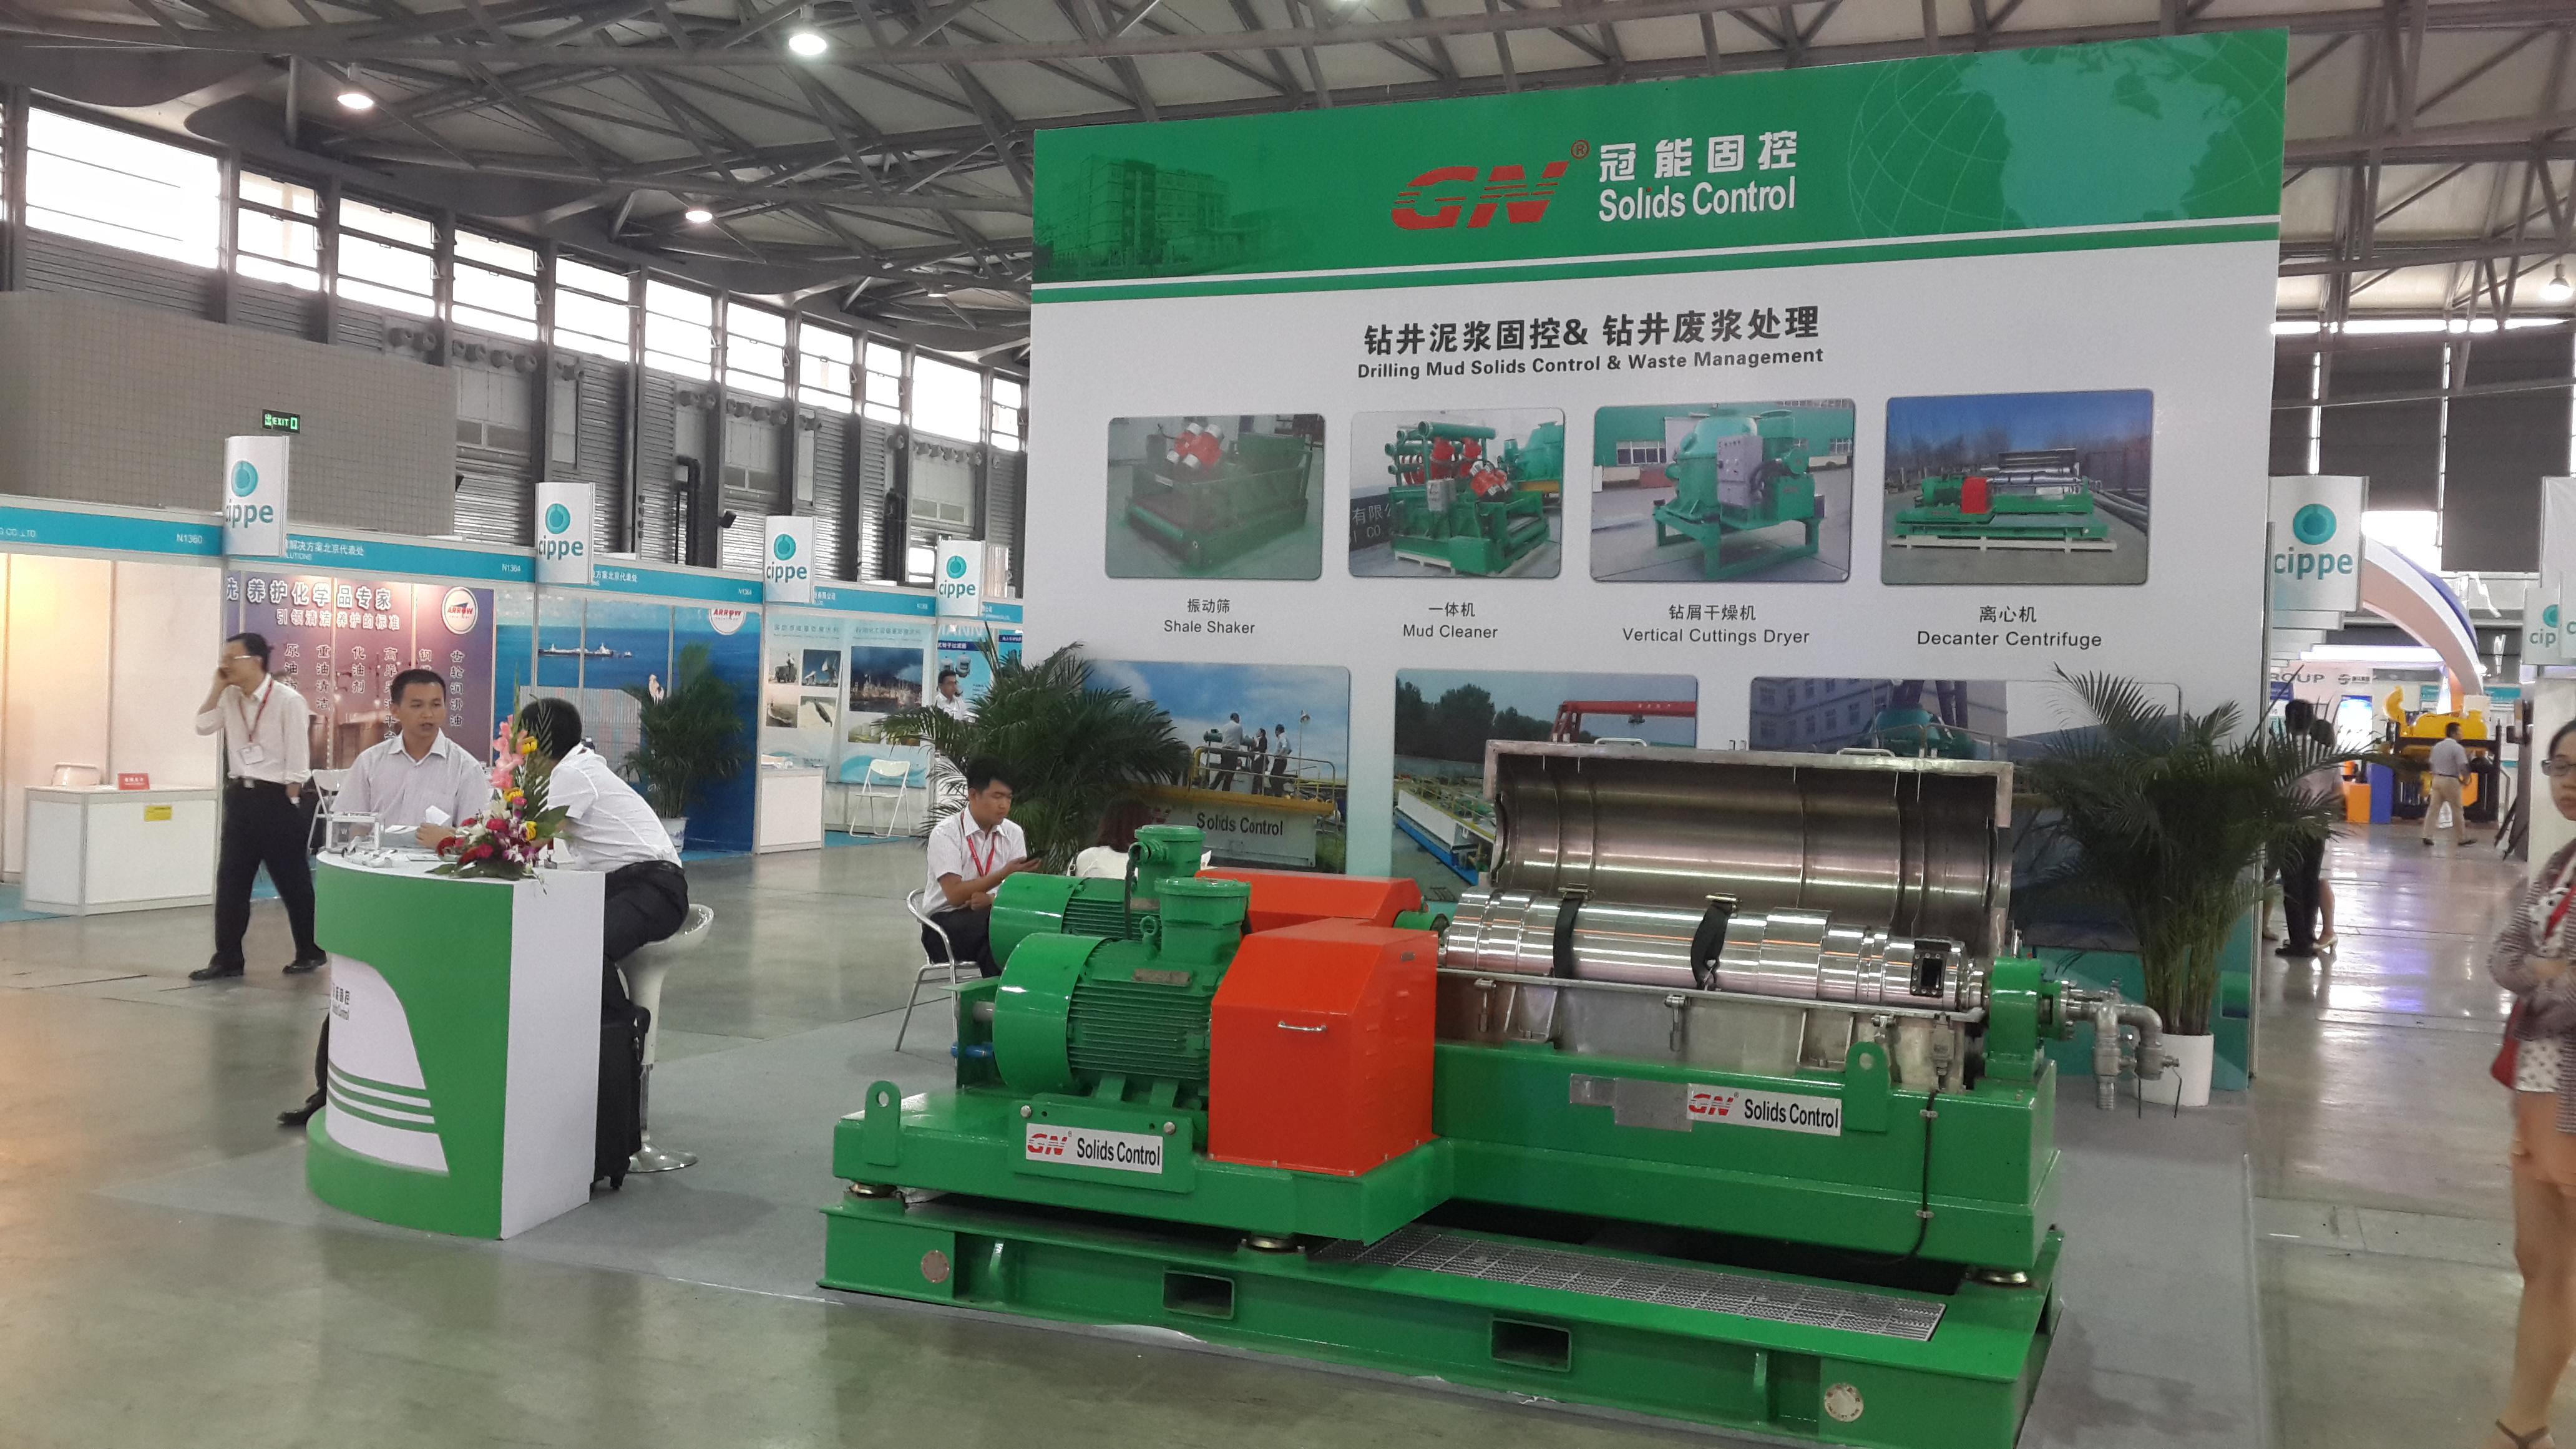 2014.09.06 shanghai Oil Show